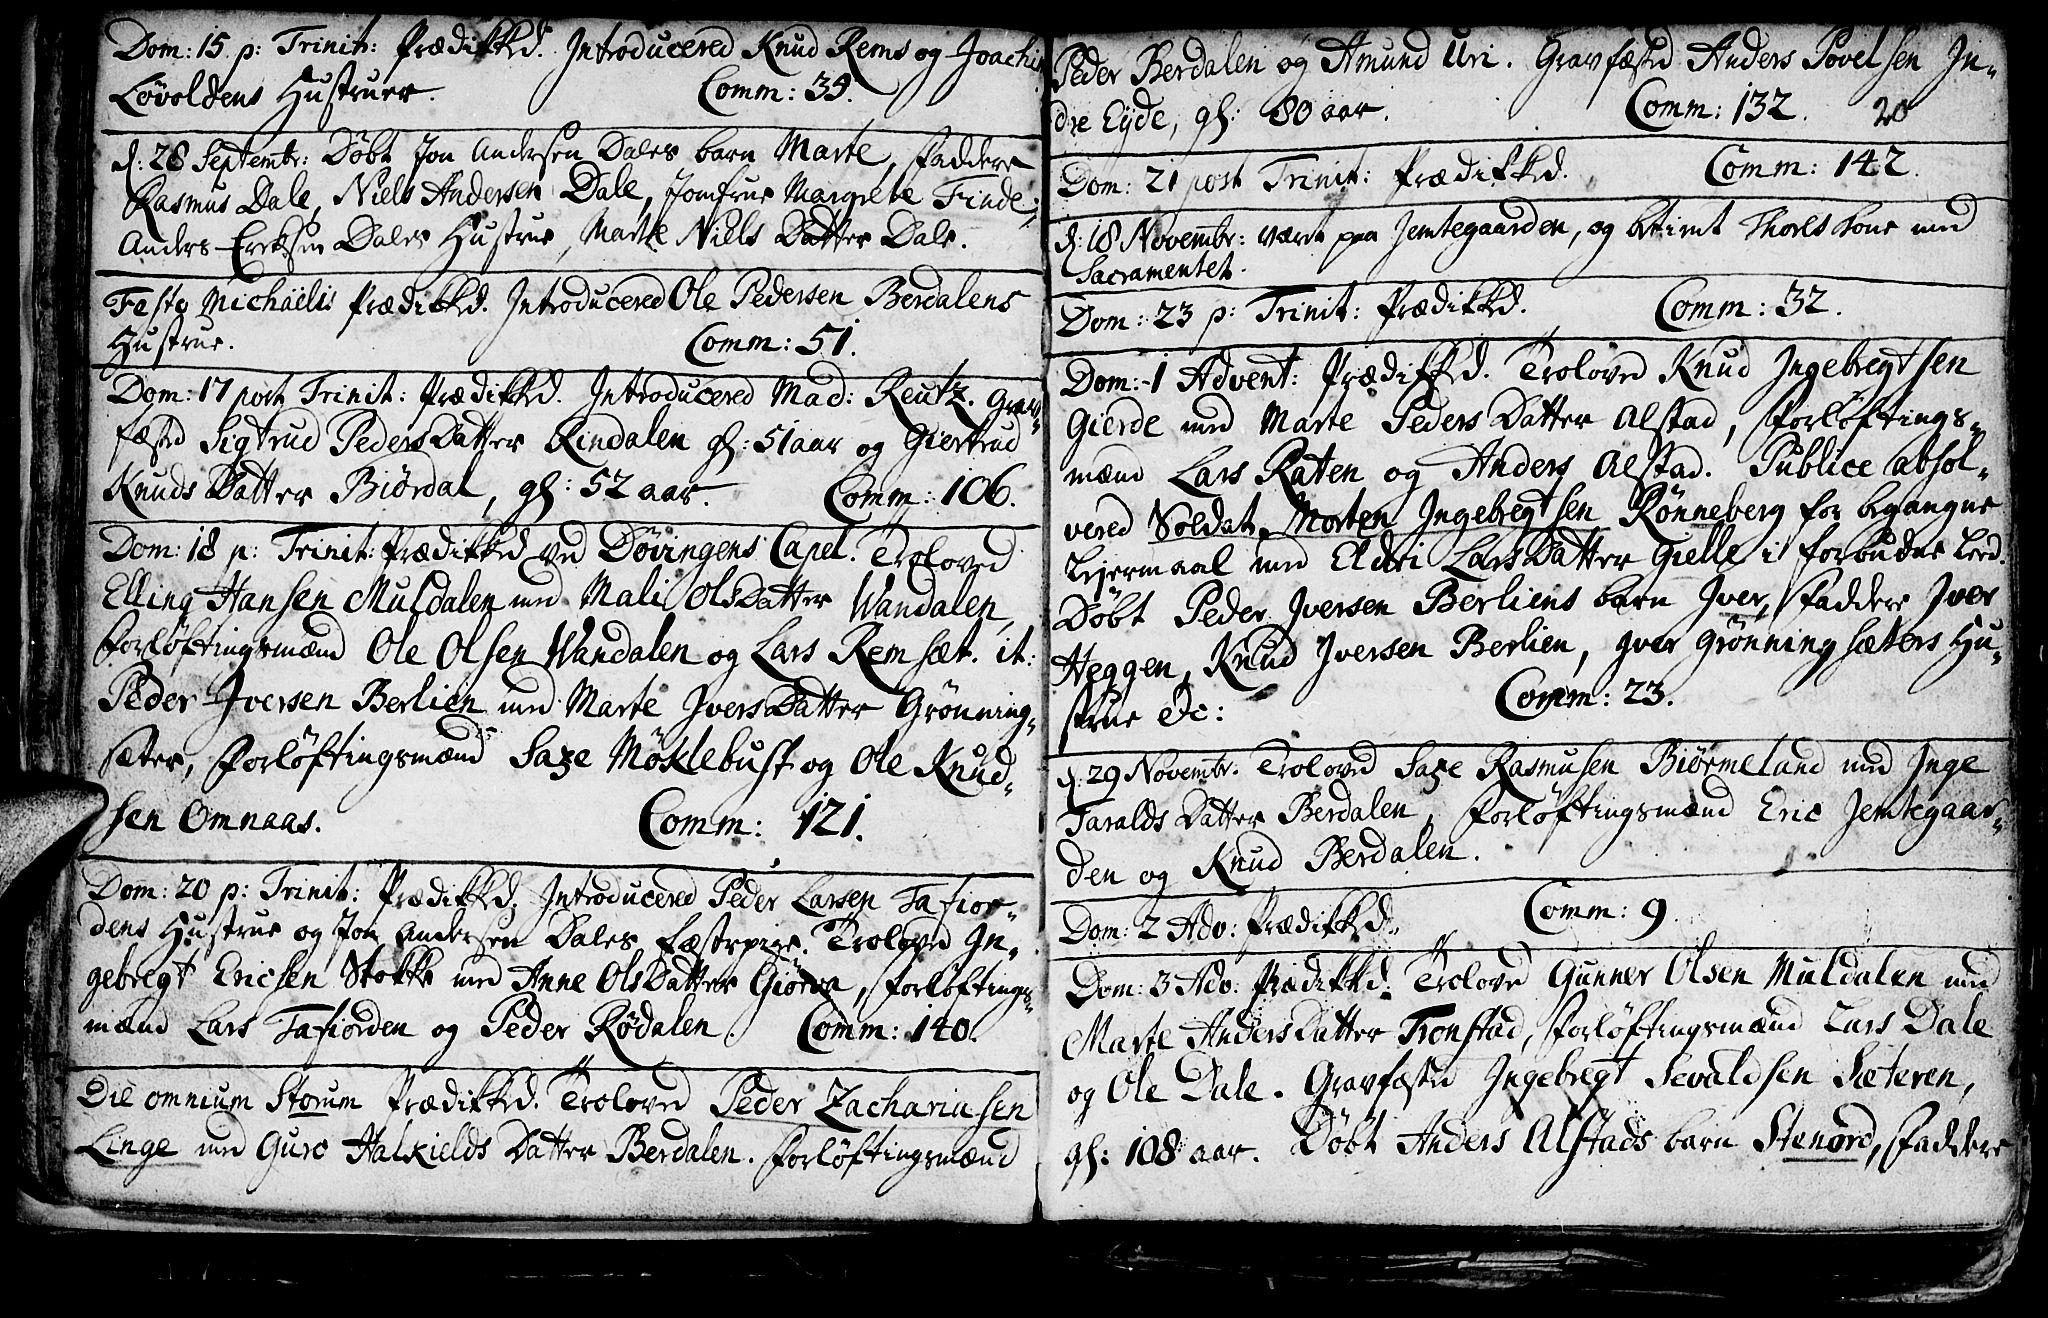 SAT, Ministerialprotokoller, klokkerbøker og fødselsregistre - Møre og Romsdal, 519/L0240: Ministerialbok nr. 519A01 /1, 1736-1760, s. 20